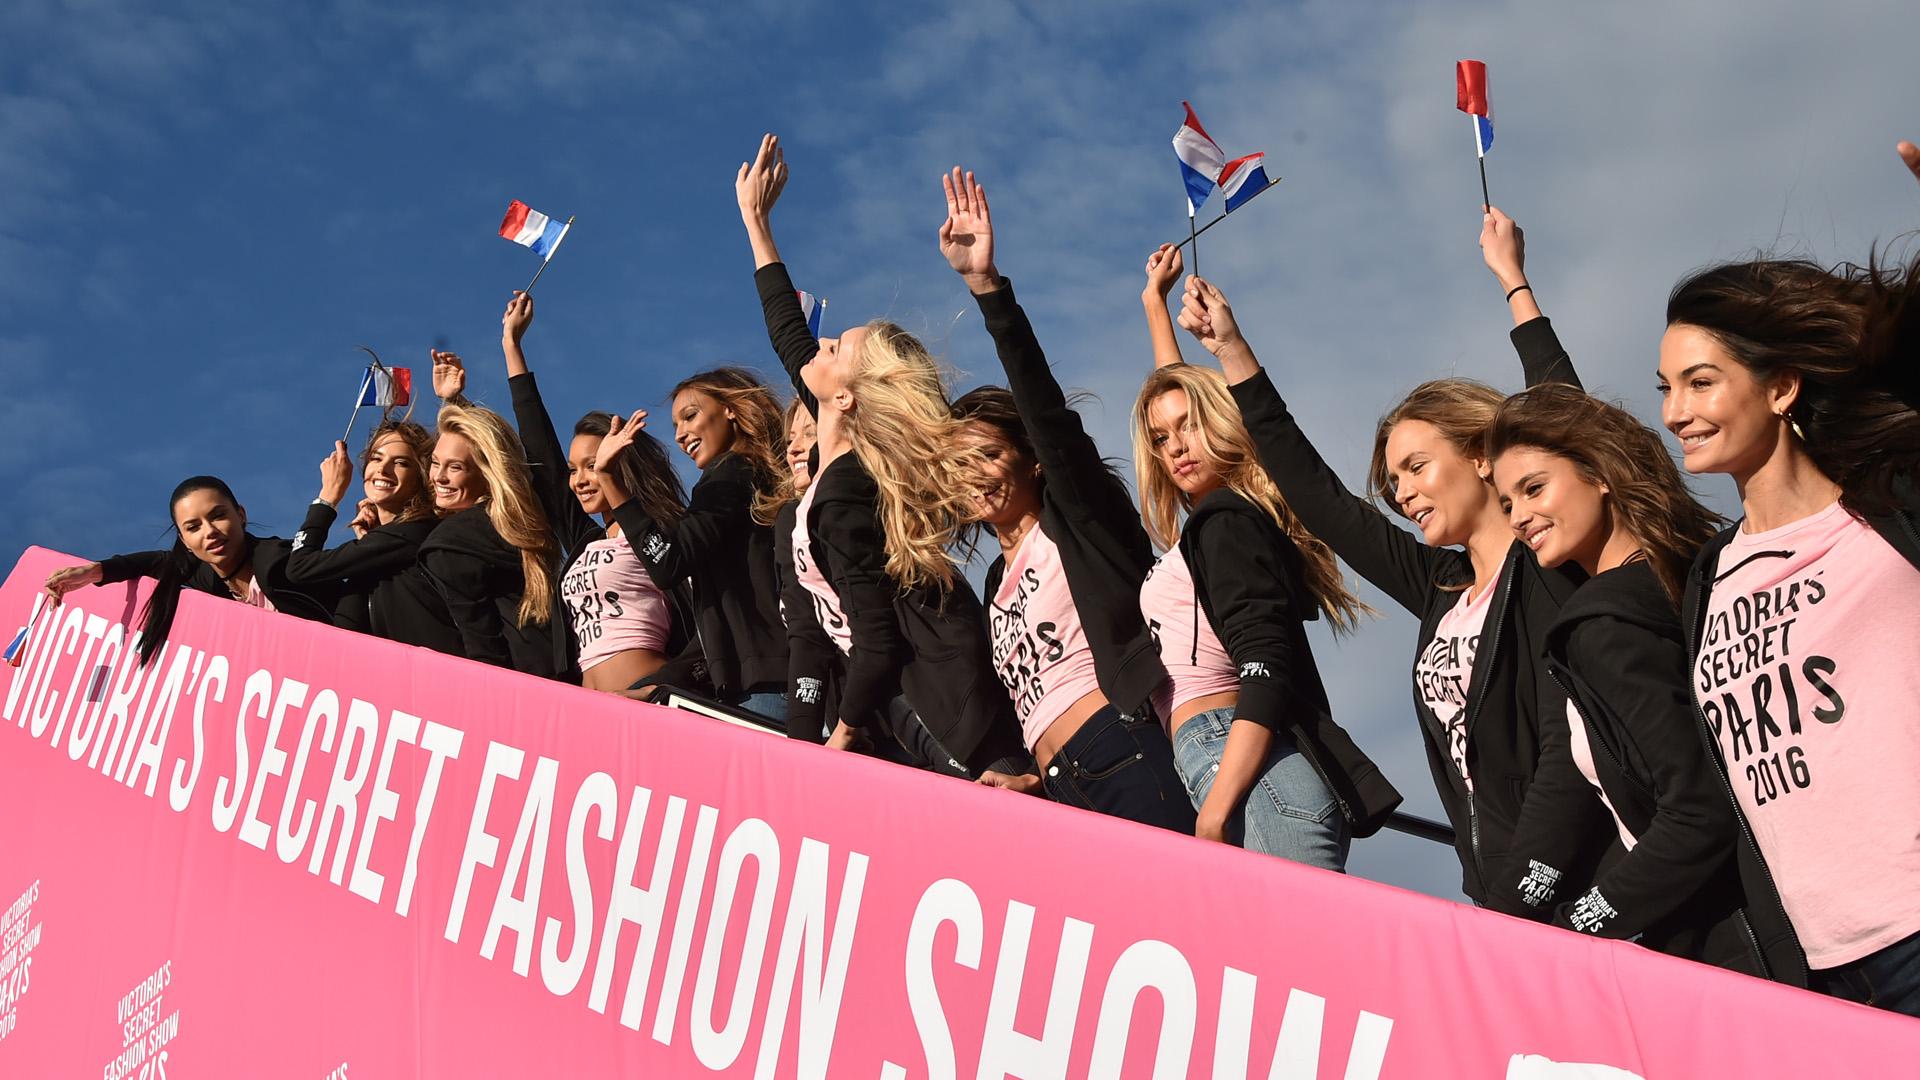 NEW YORK, NY - NOVEMBER 27:  Victoria's Secret models Adriana Lima, Alessandra Ambrosio, Romee Strijd, Lais Ribeiro, Jasmine